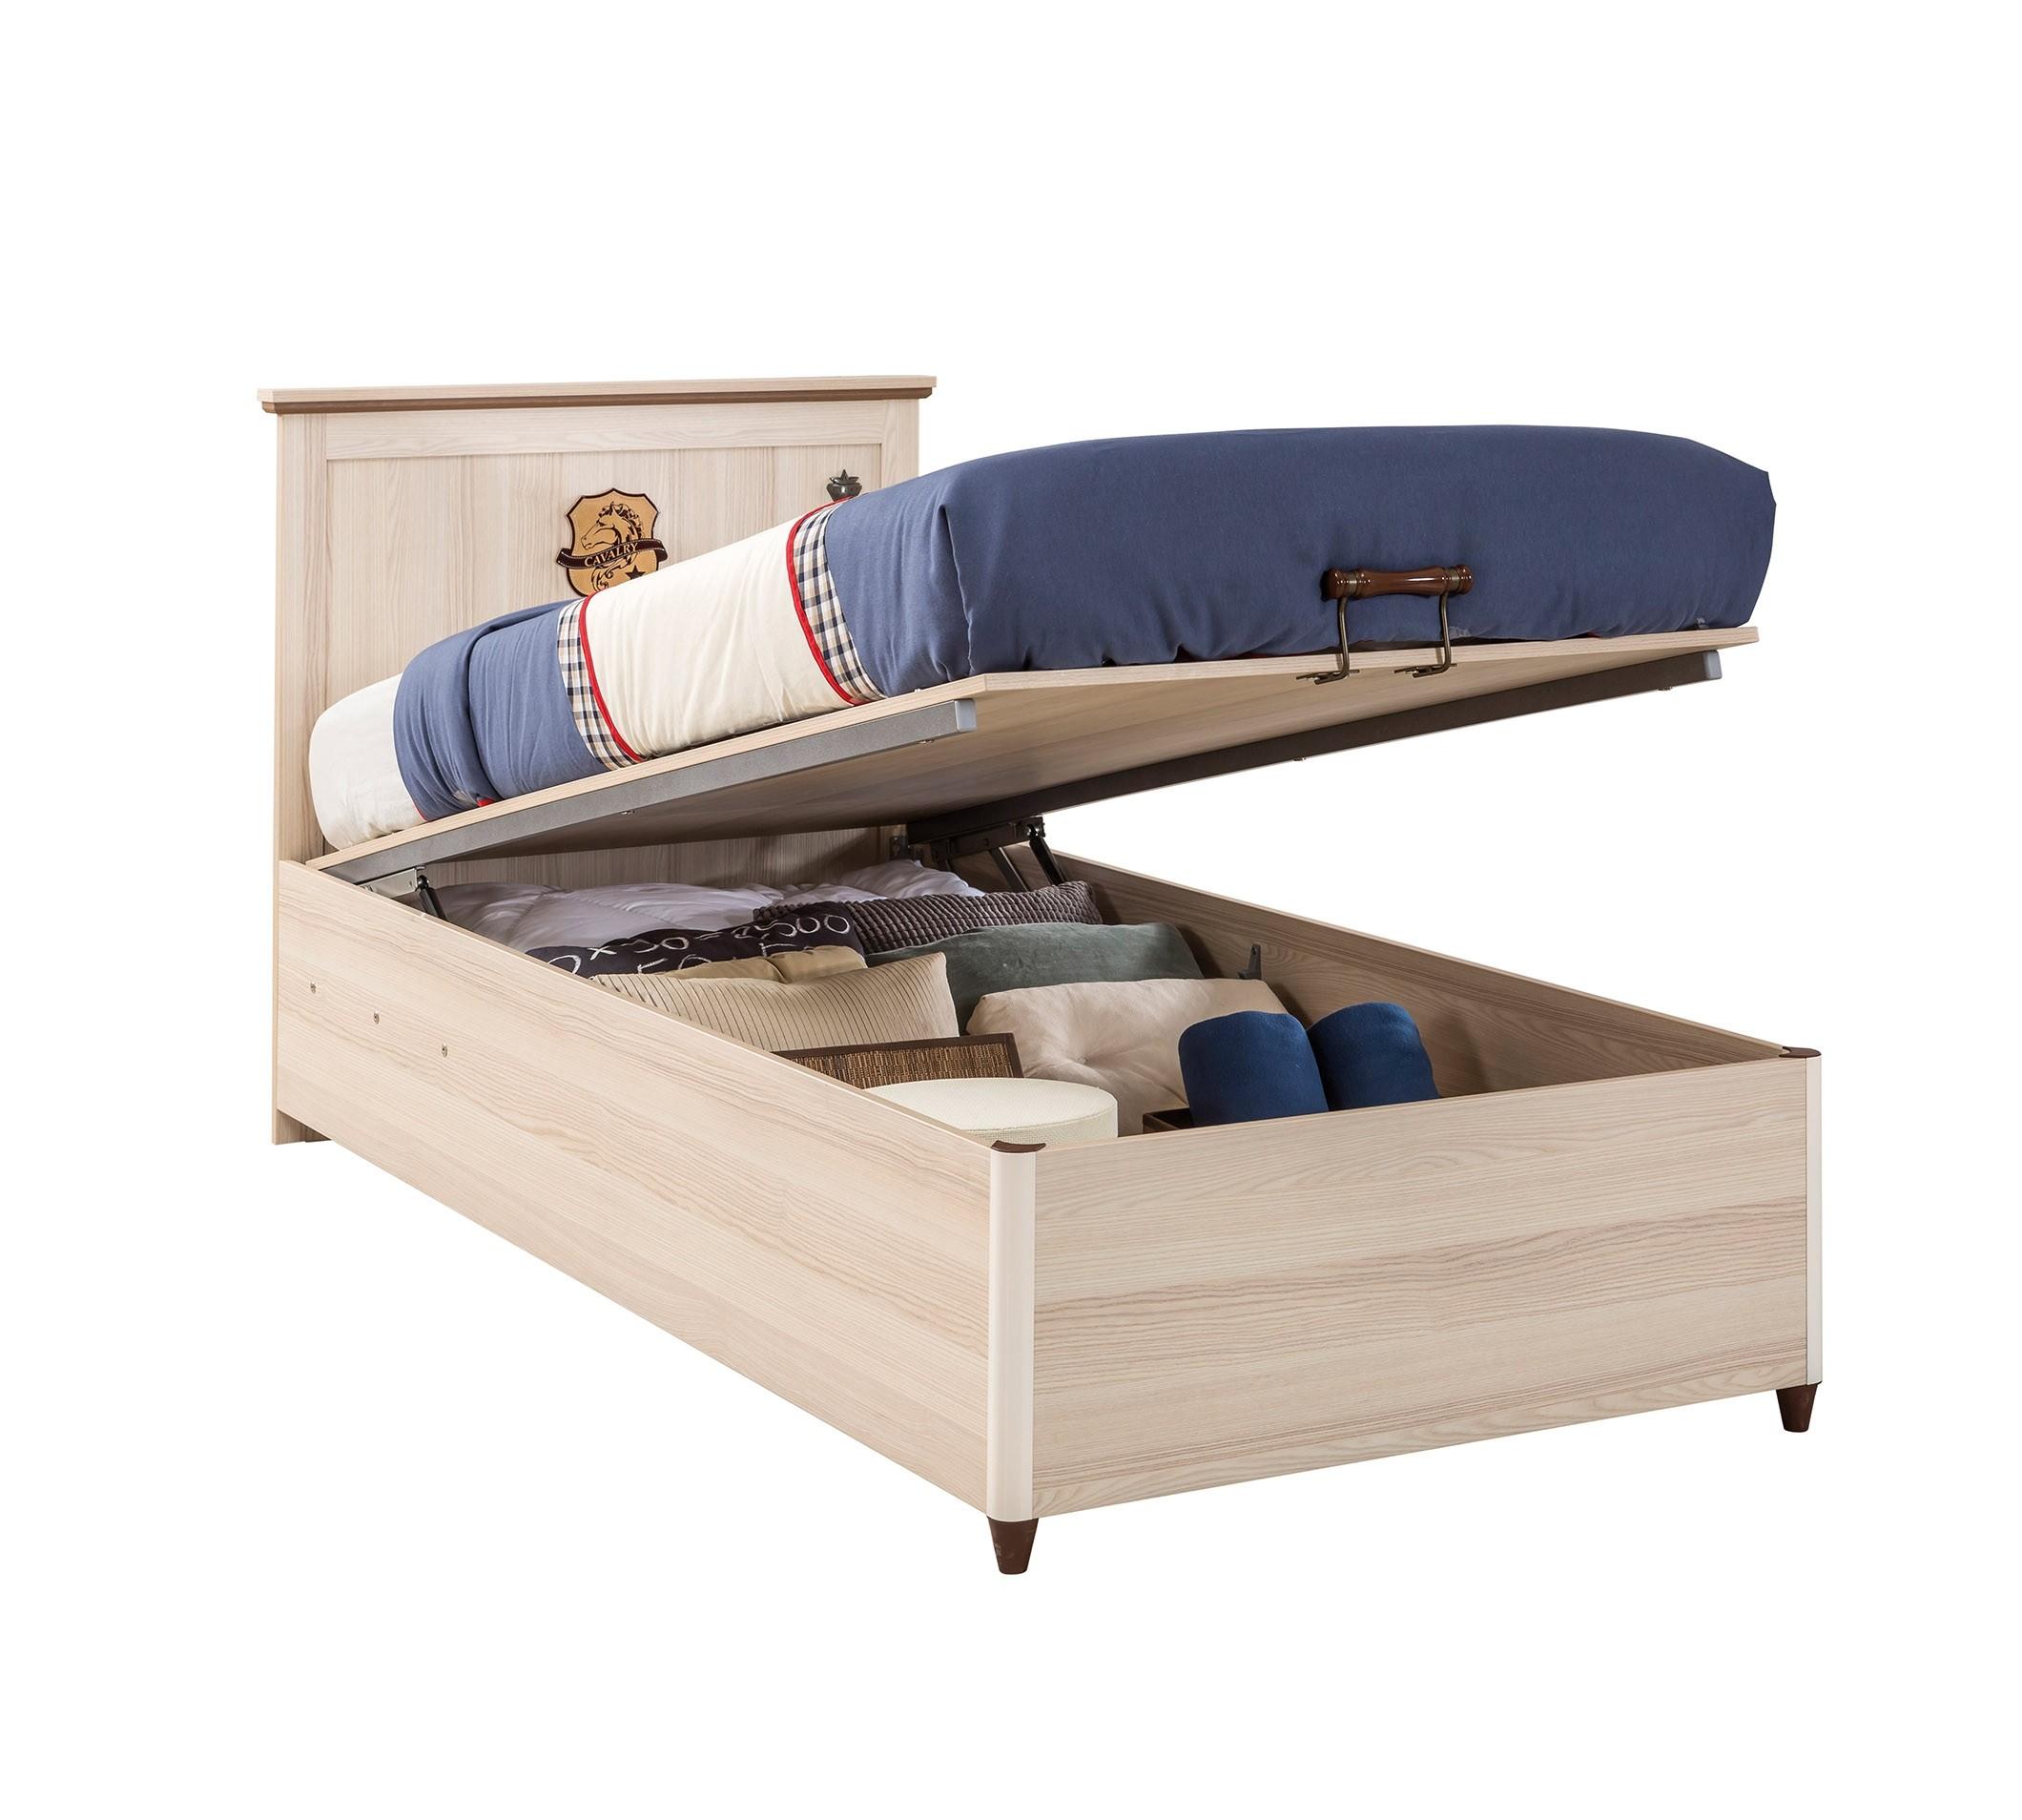 Full Size of Royal Base Bett 90x190 Cm Lek Kopfteil Selber Bauen Coole Betten Ruf Leander Für übergewichtige Bestes Bette Badewanne Ottoversand Rauch 180x200 Bett Bett 90x190